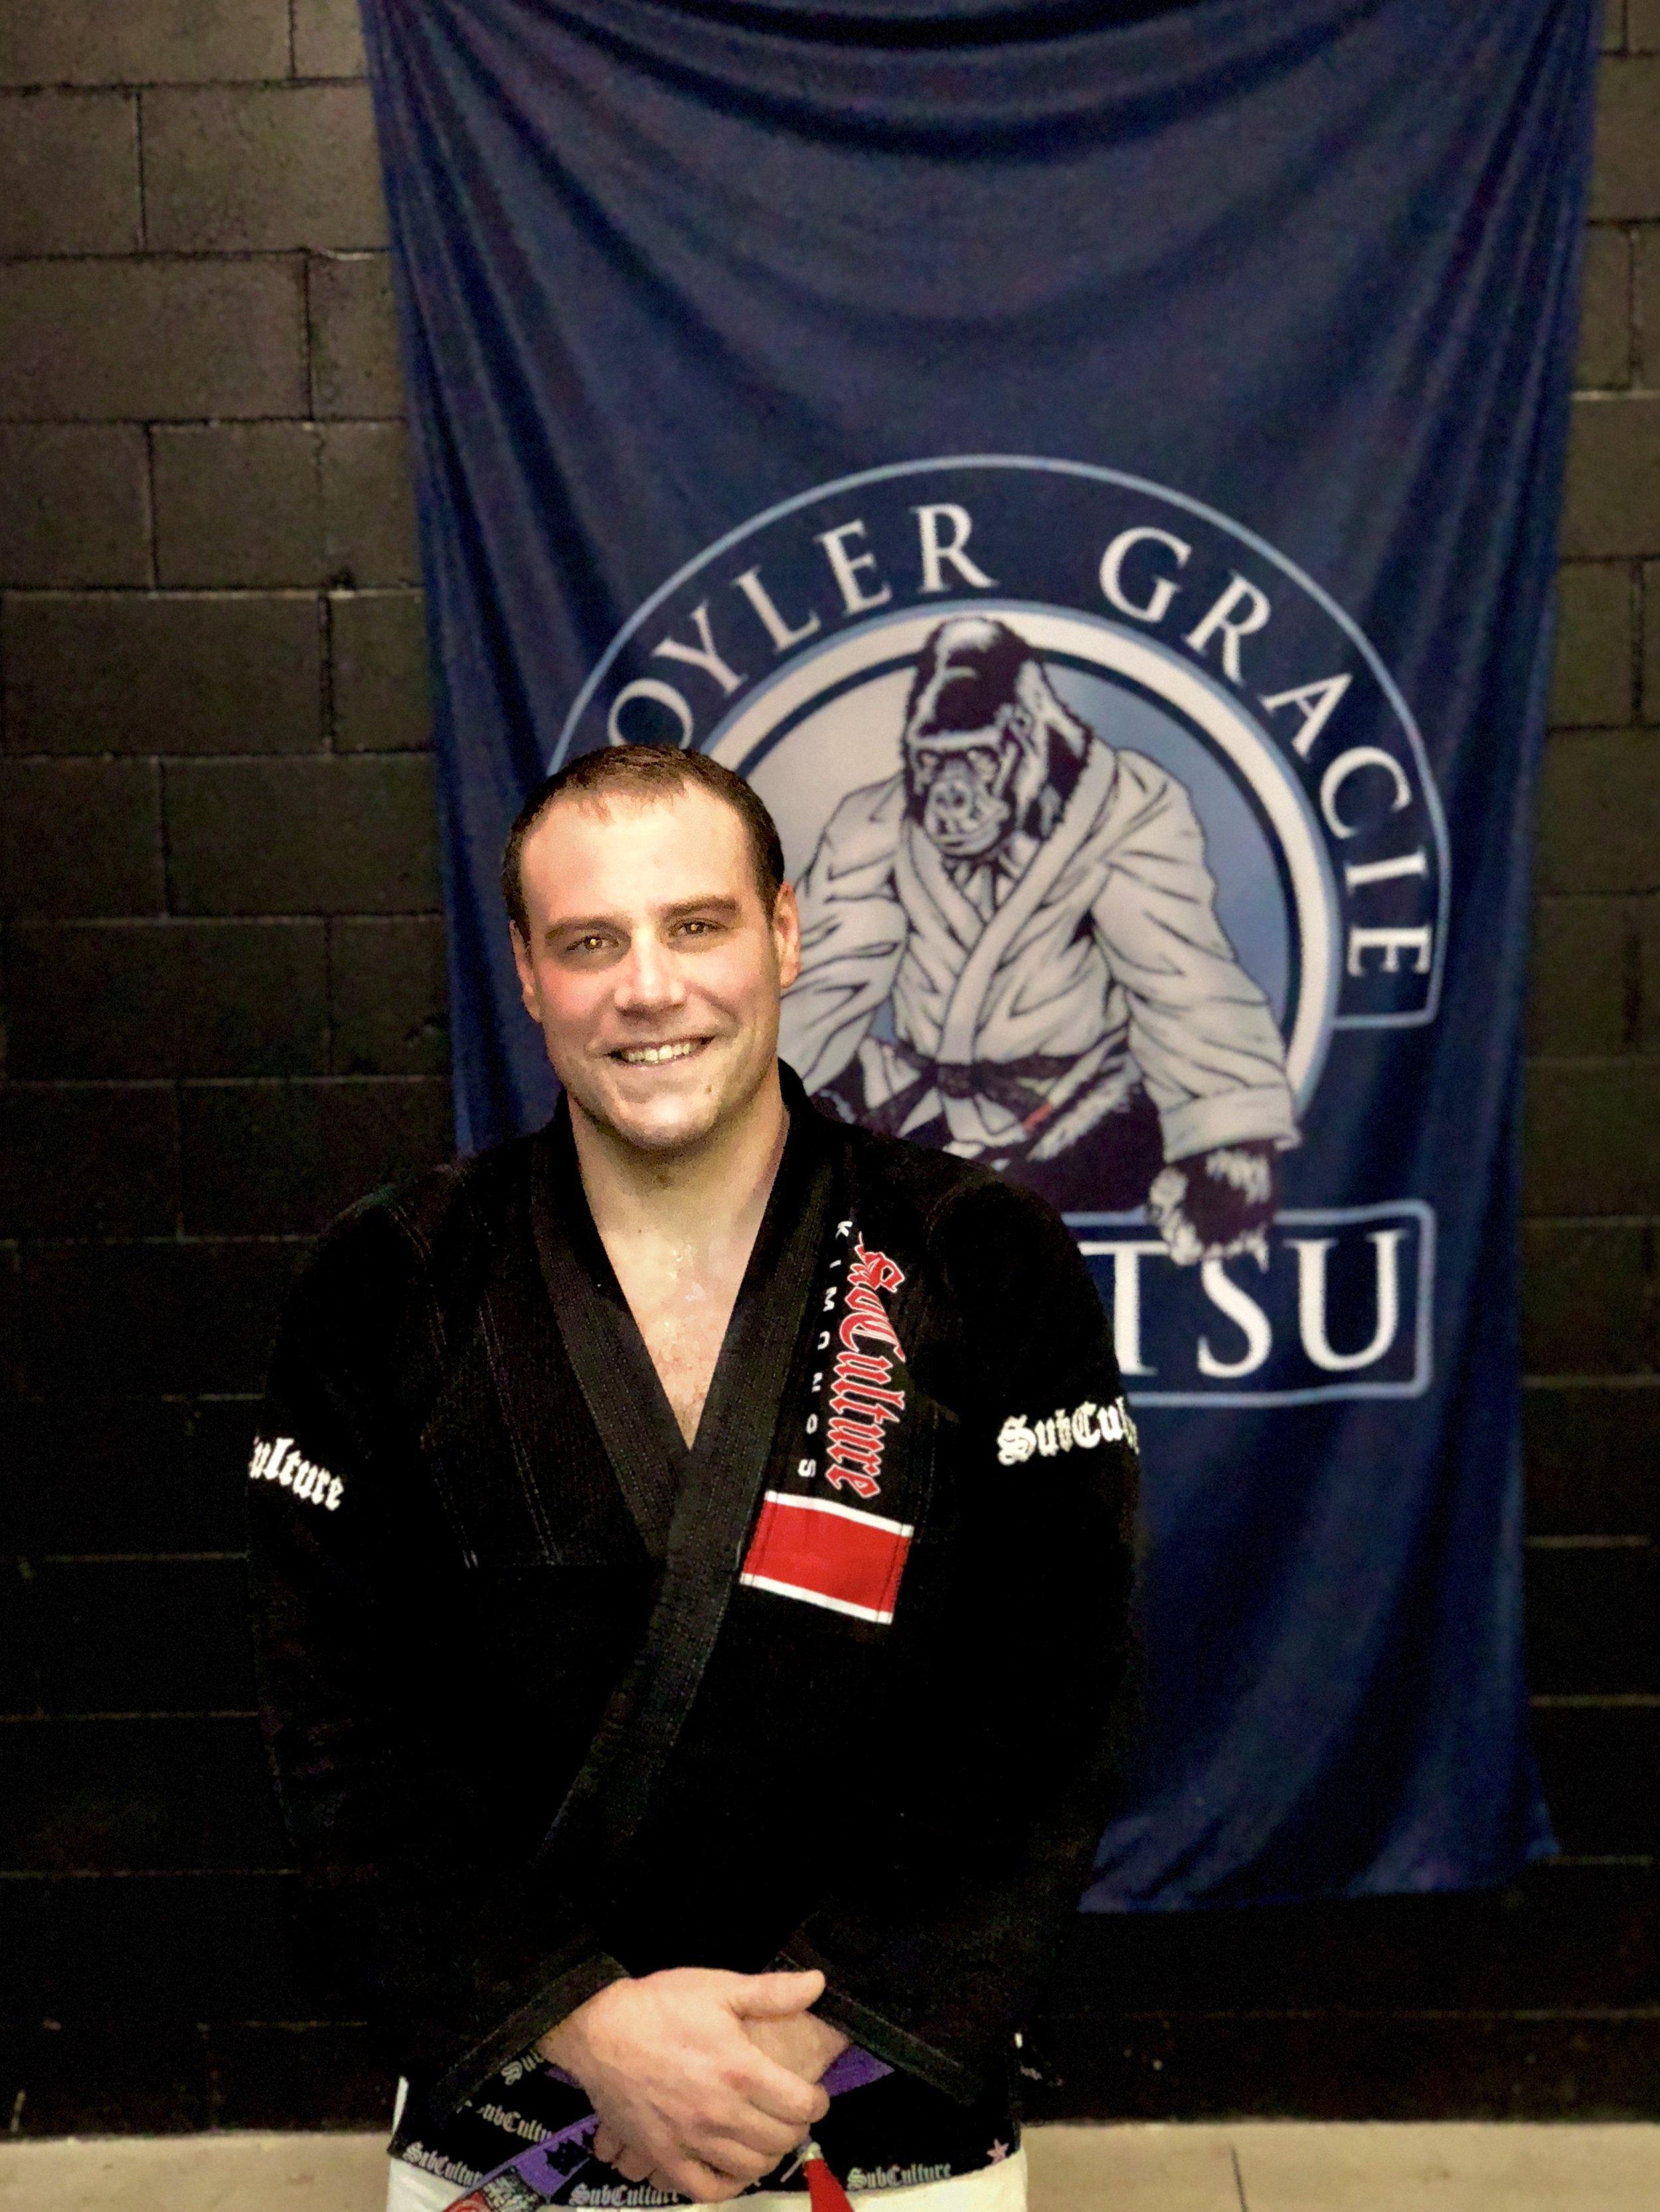 Nathan DeCamp representing Kroyler Gracie Association in Kalamazoo, Michigan.